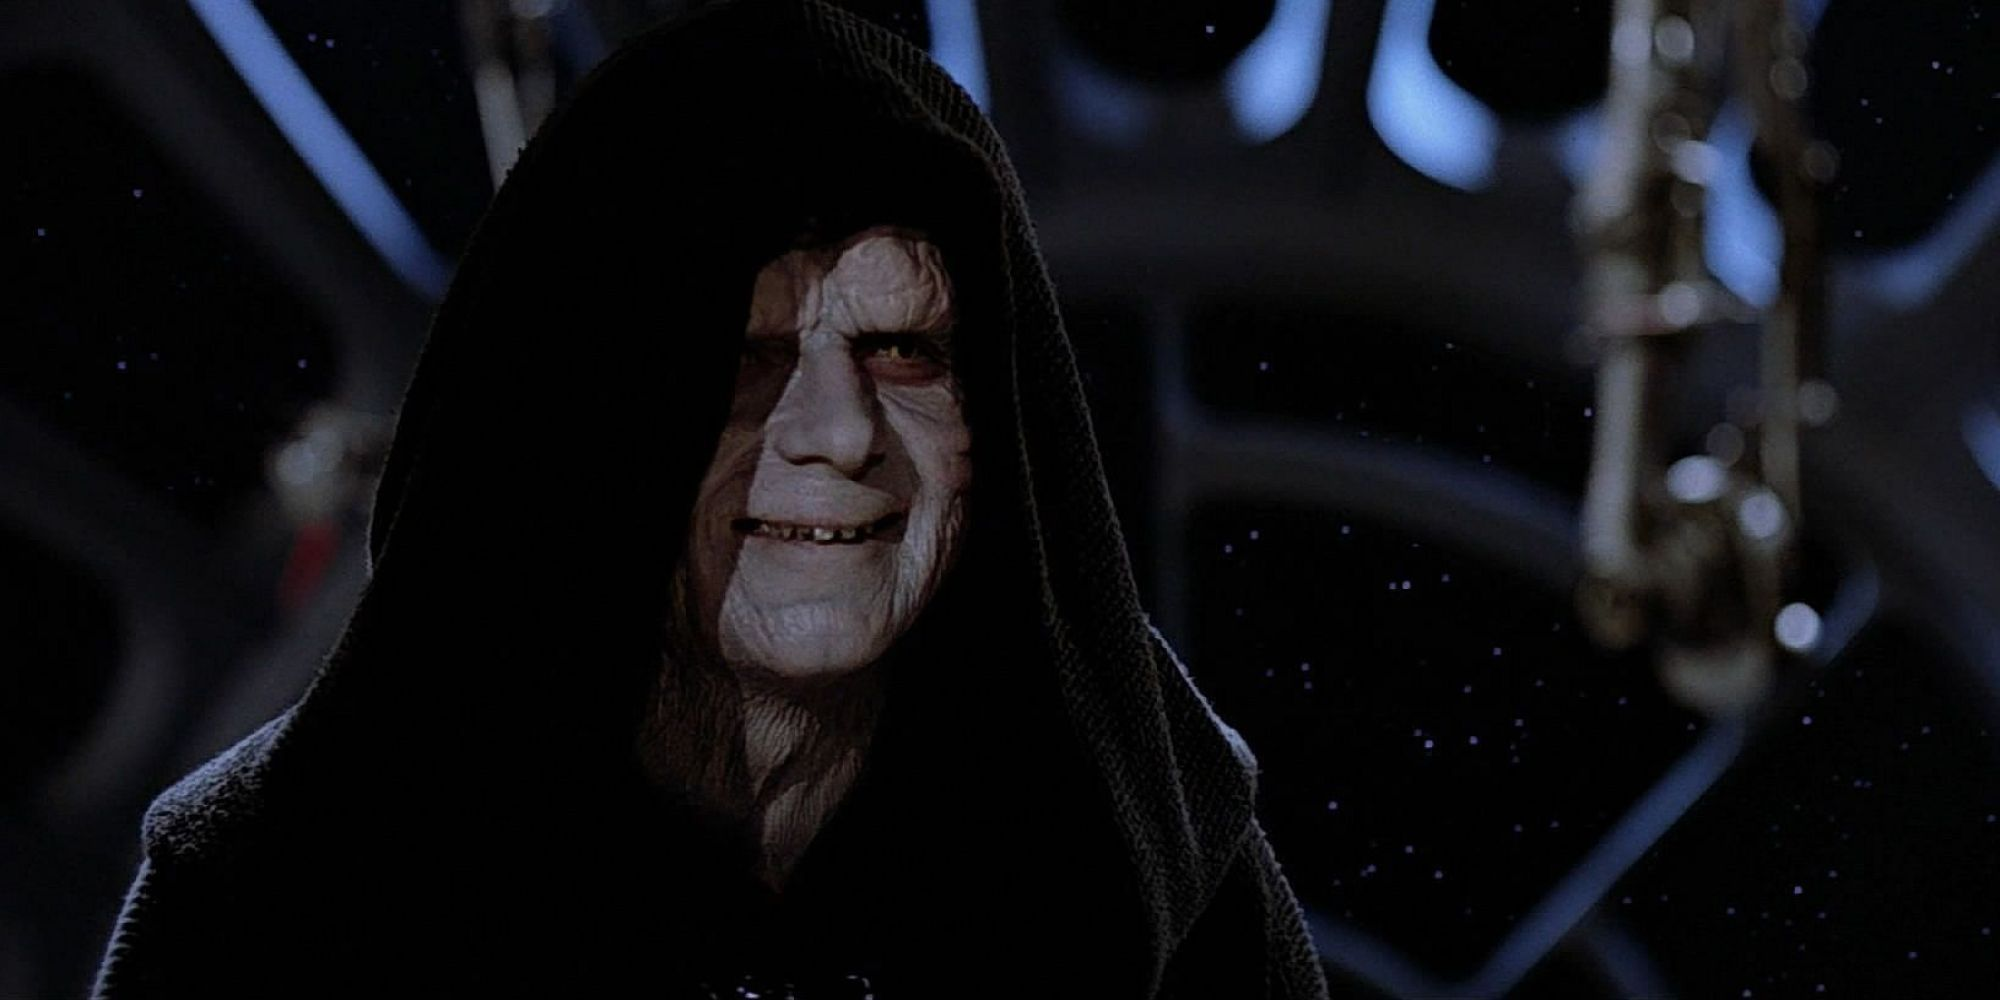 Emperor-Palpatine-meme-from-Star-Wars.jp